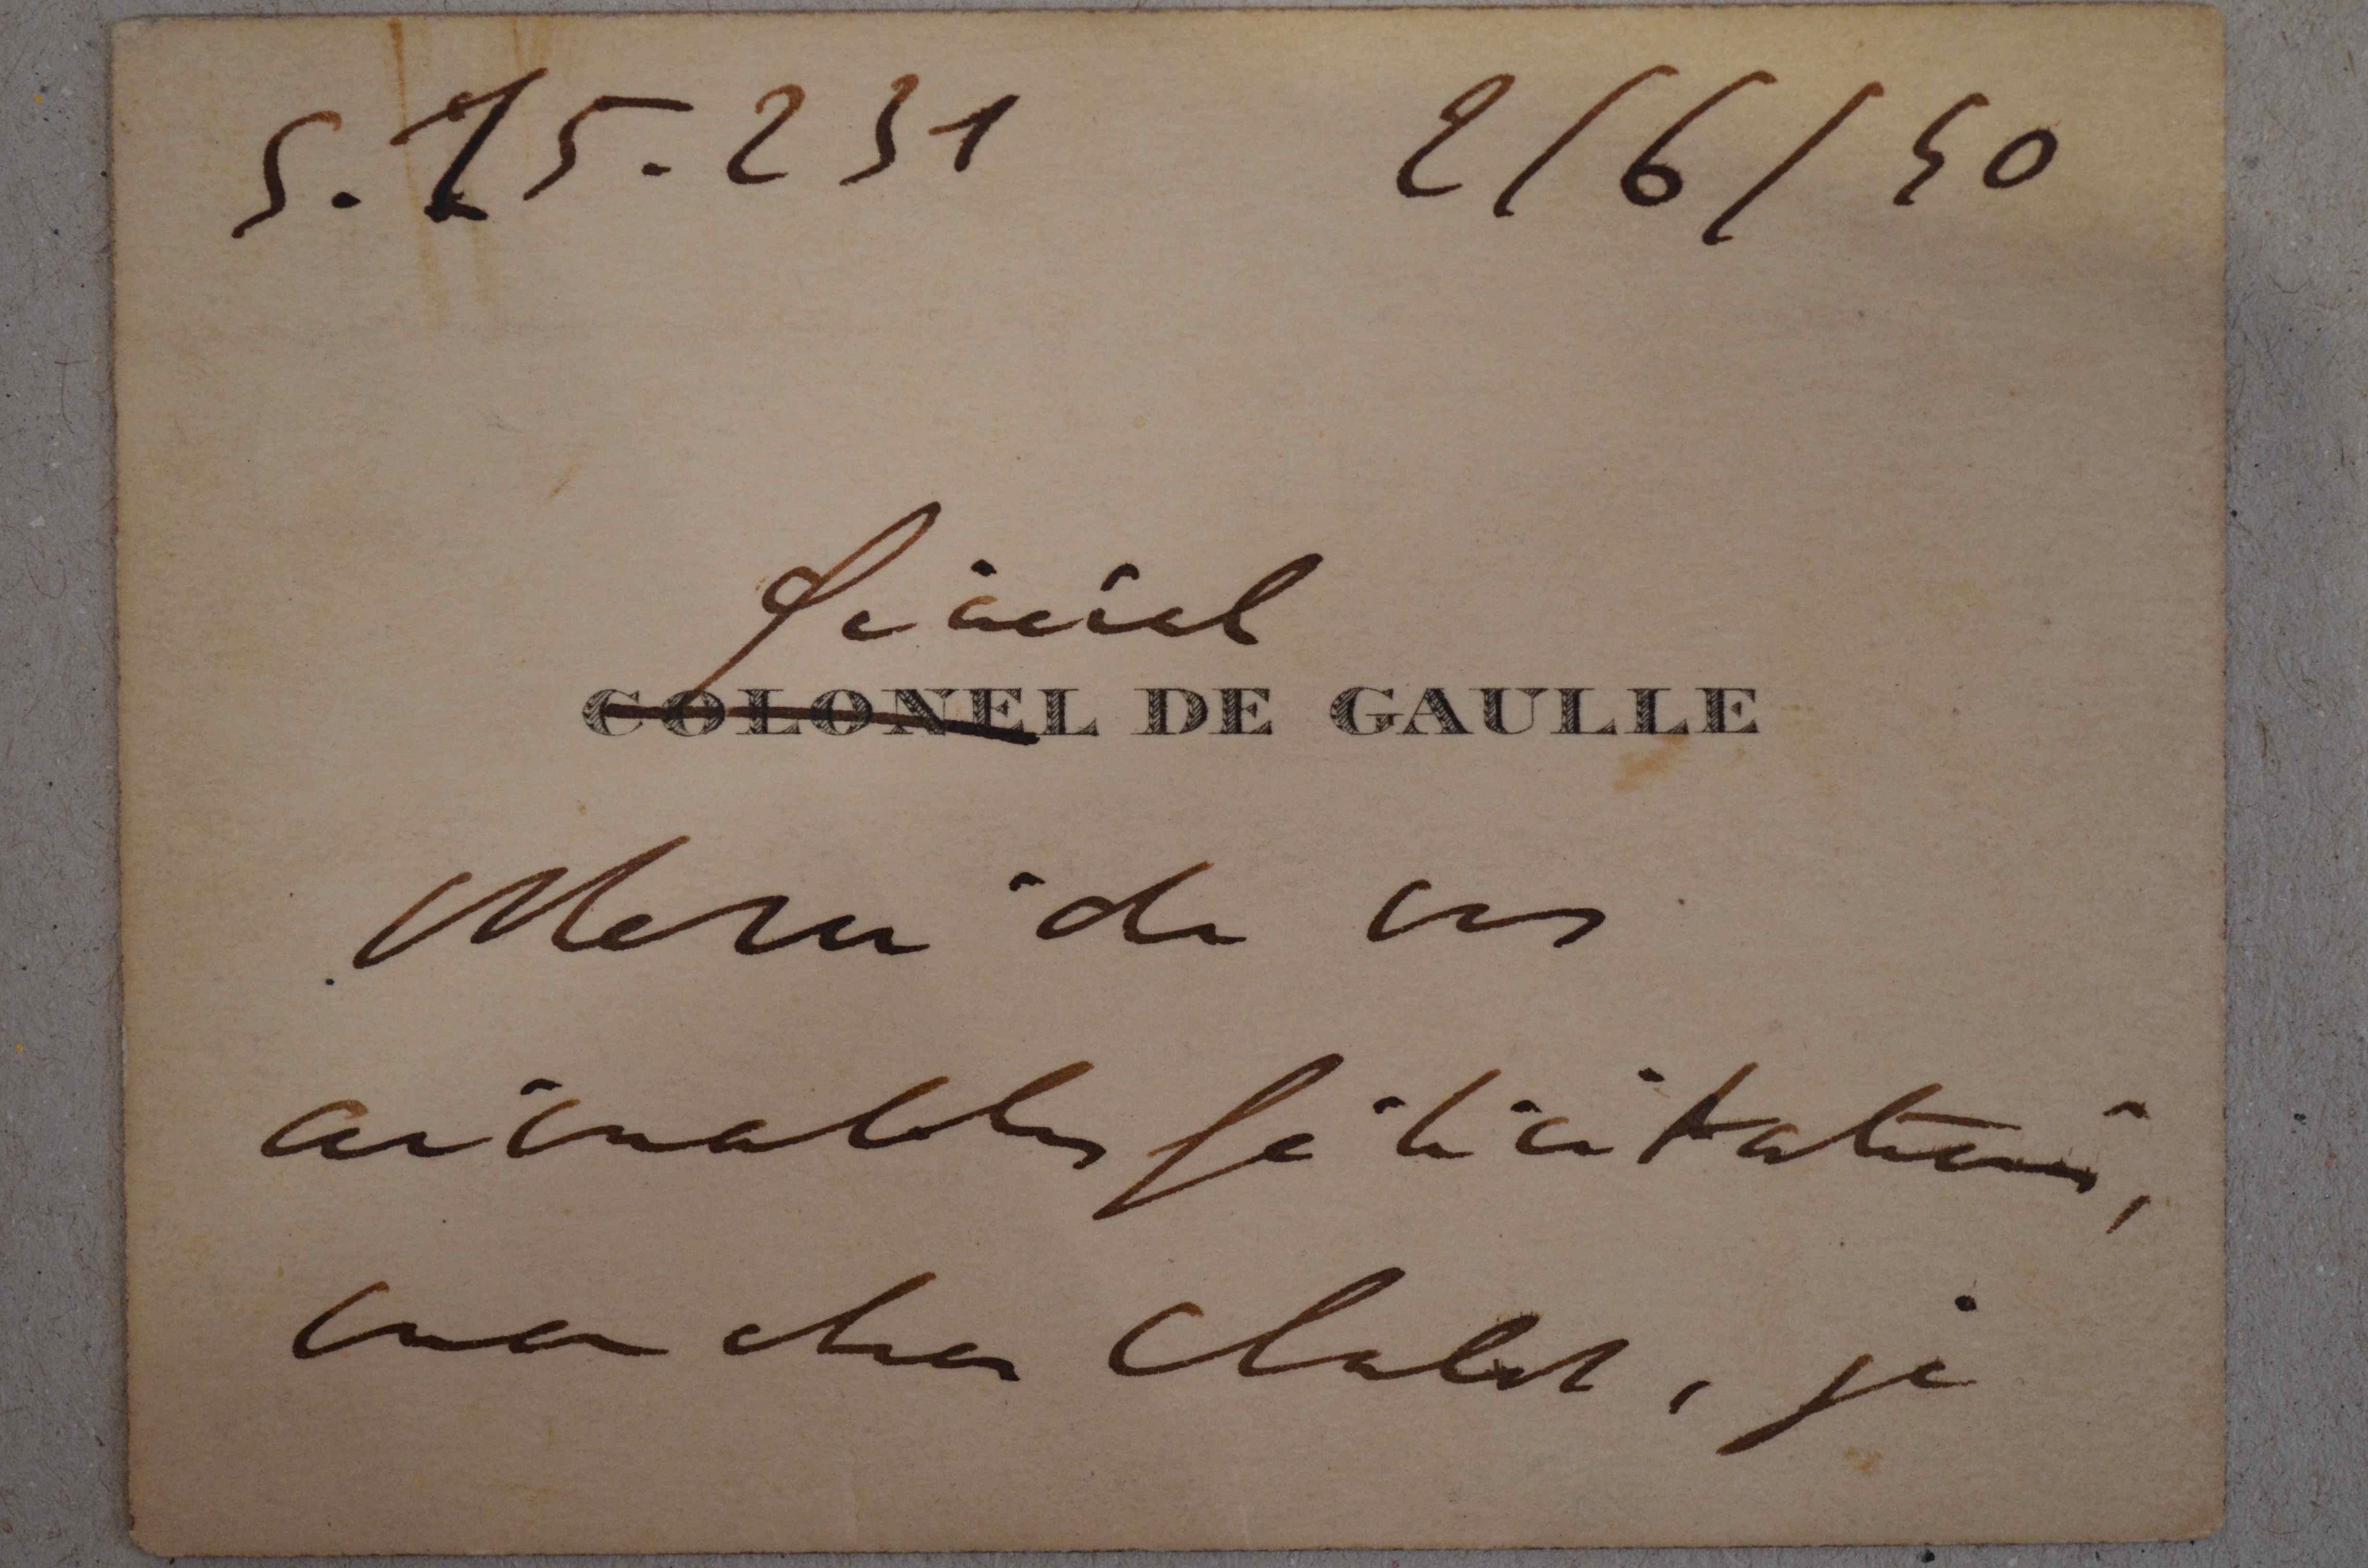 Charles De Gaulle Carte Visite Autographe Signe Ses Initiales